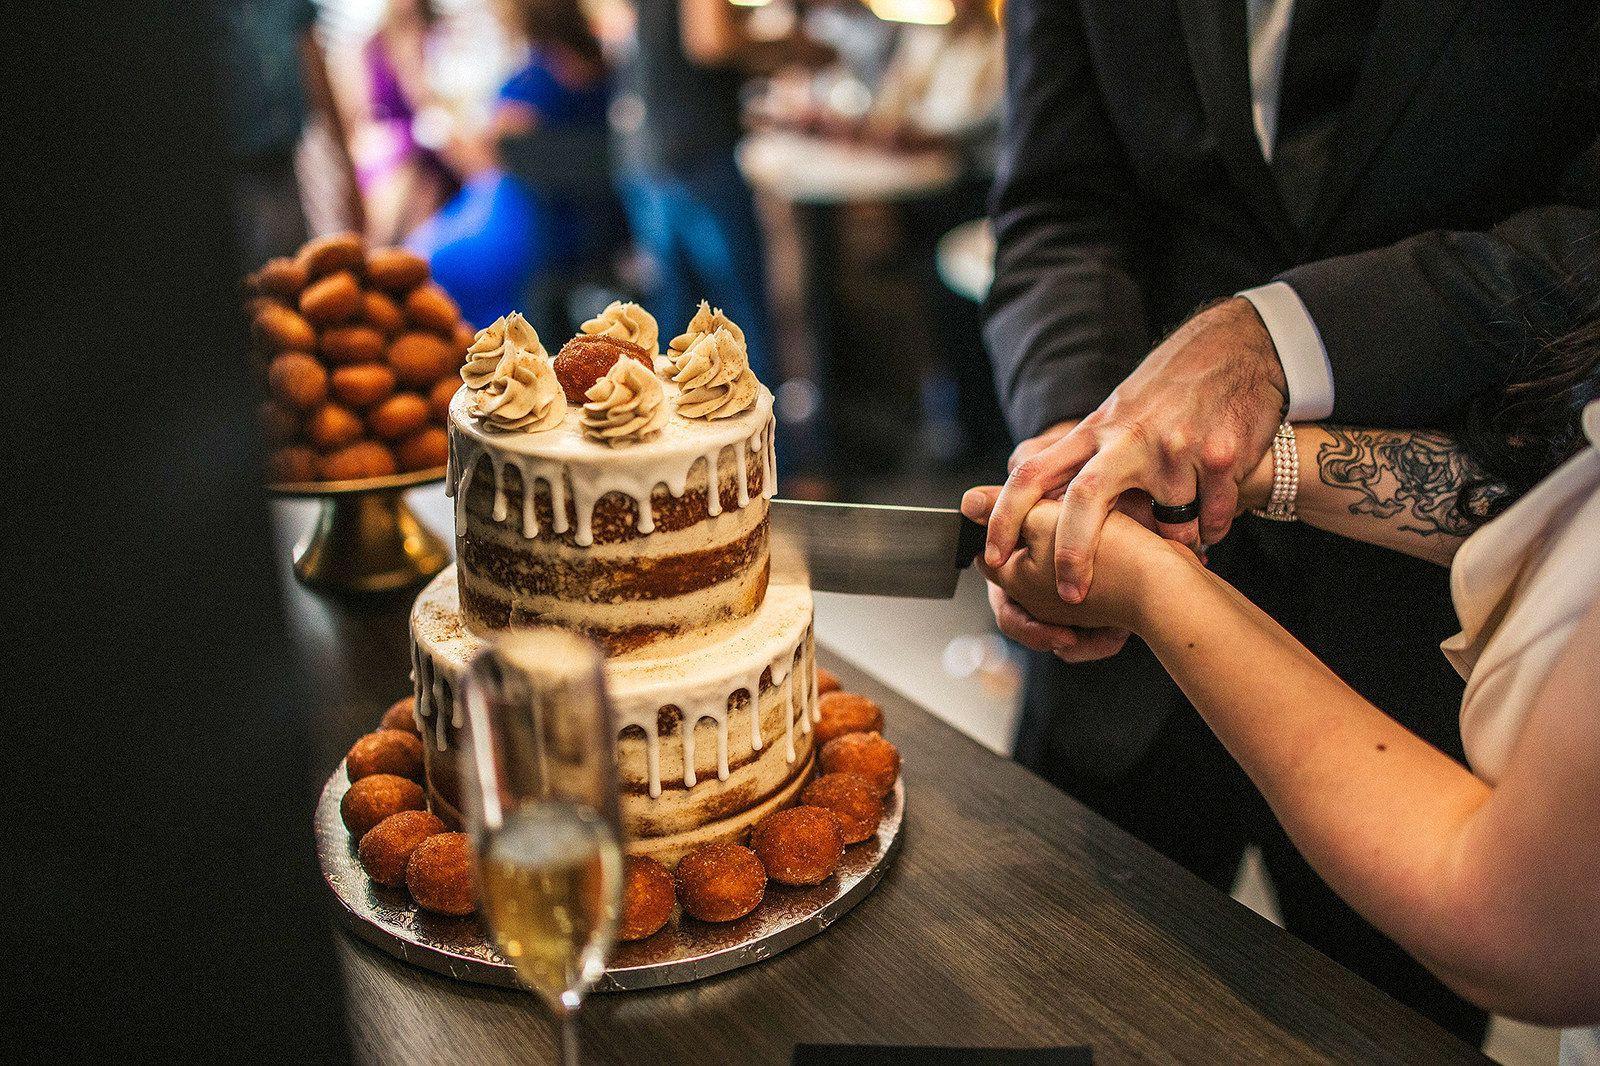 Cửa hàng thức ăn nhanh cung cấp dịch vụ hôn lễ nhanh trọn gói chỉ với hơn 10 triệu đồng - Ảnh 4.